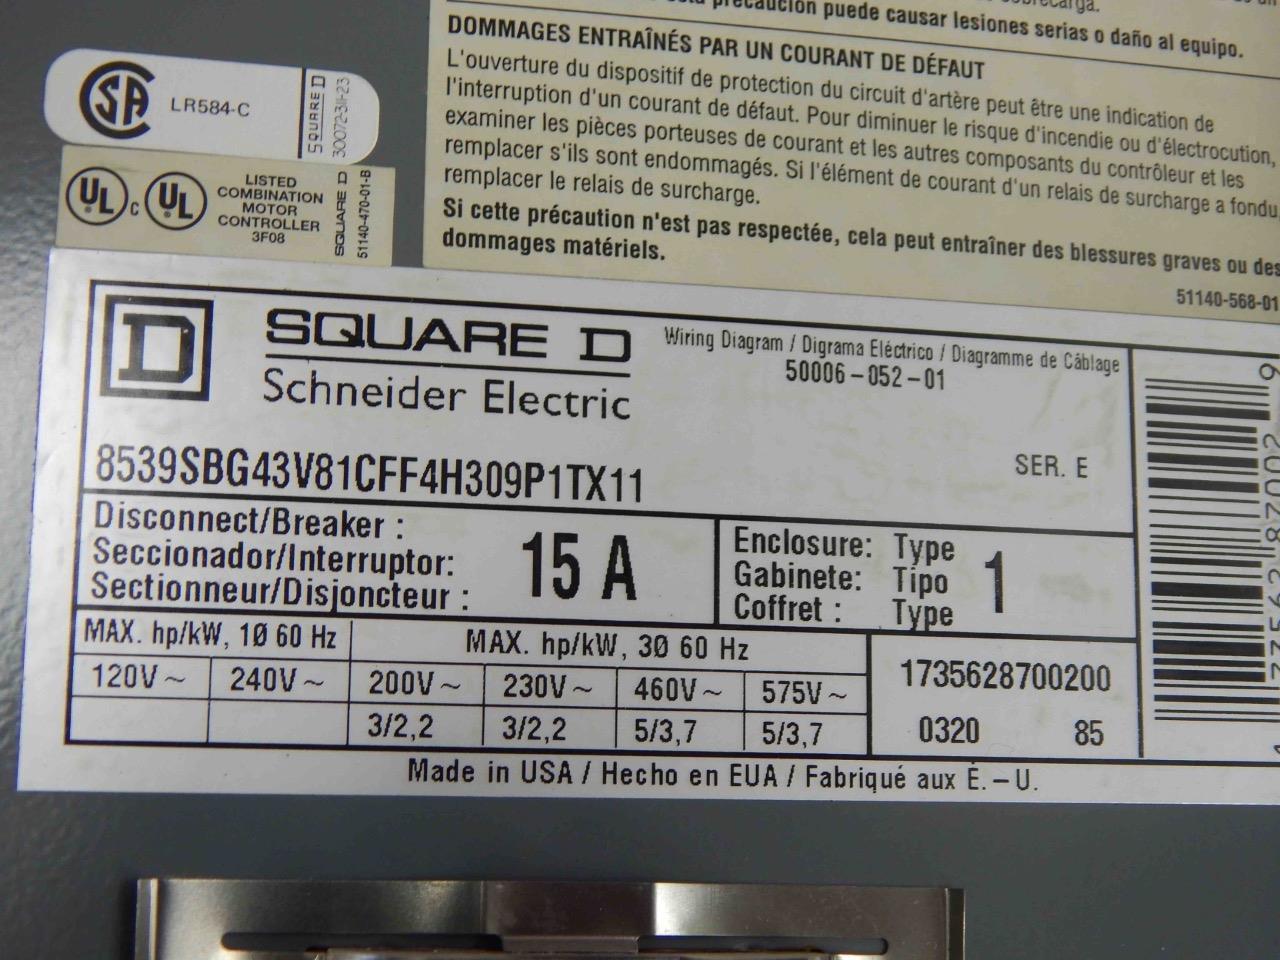 322 Square D 8536sbo2h309s Ser A 8539sbg43v81cff4h309p1tx11 E Combination Motor Controller Wiring Diagram